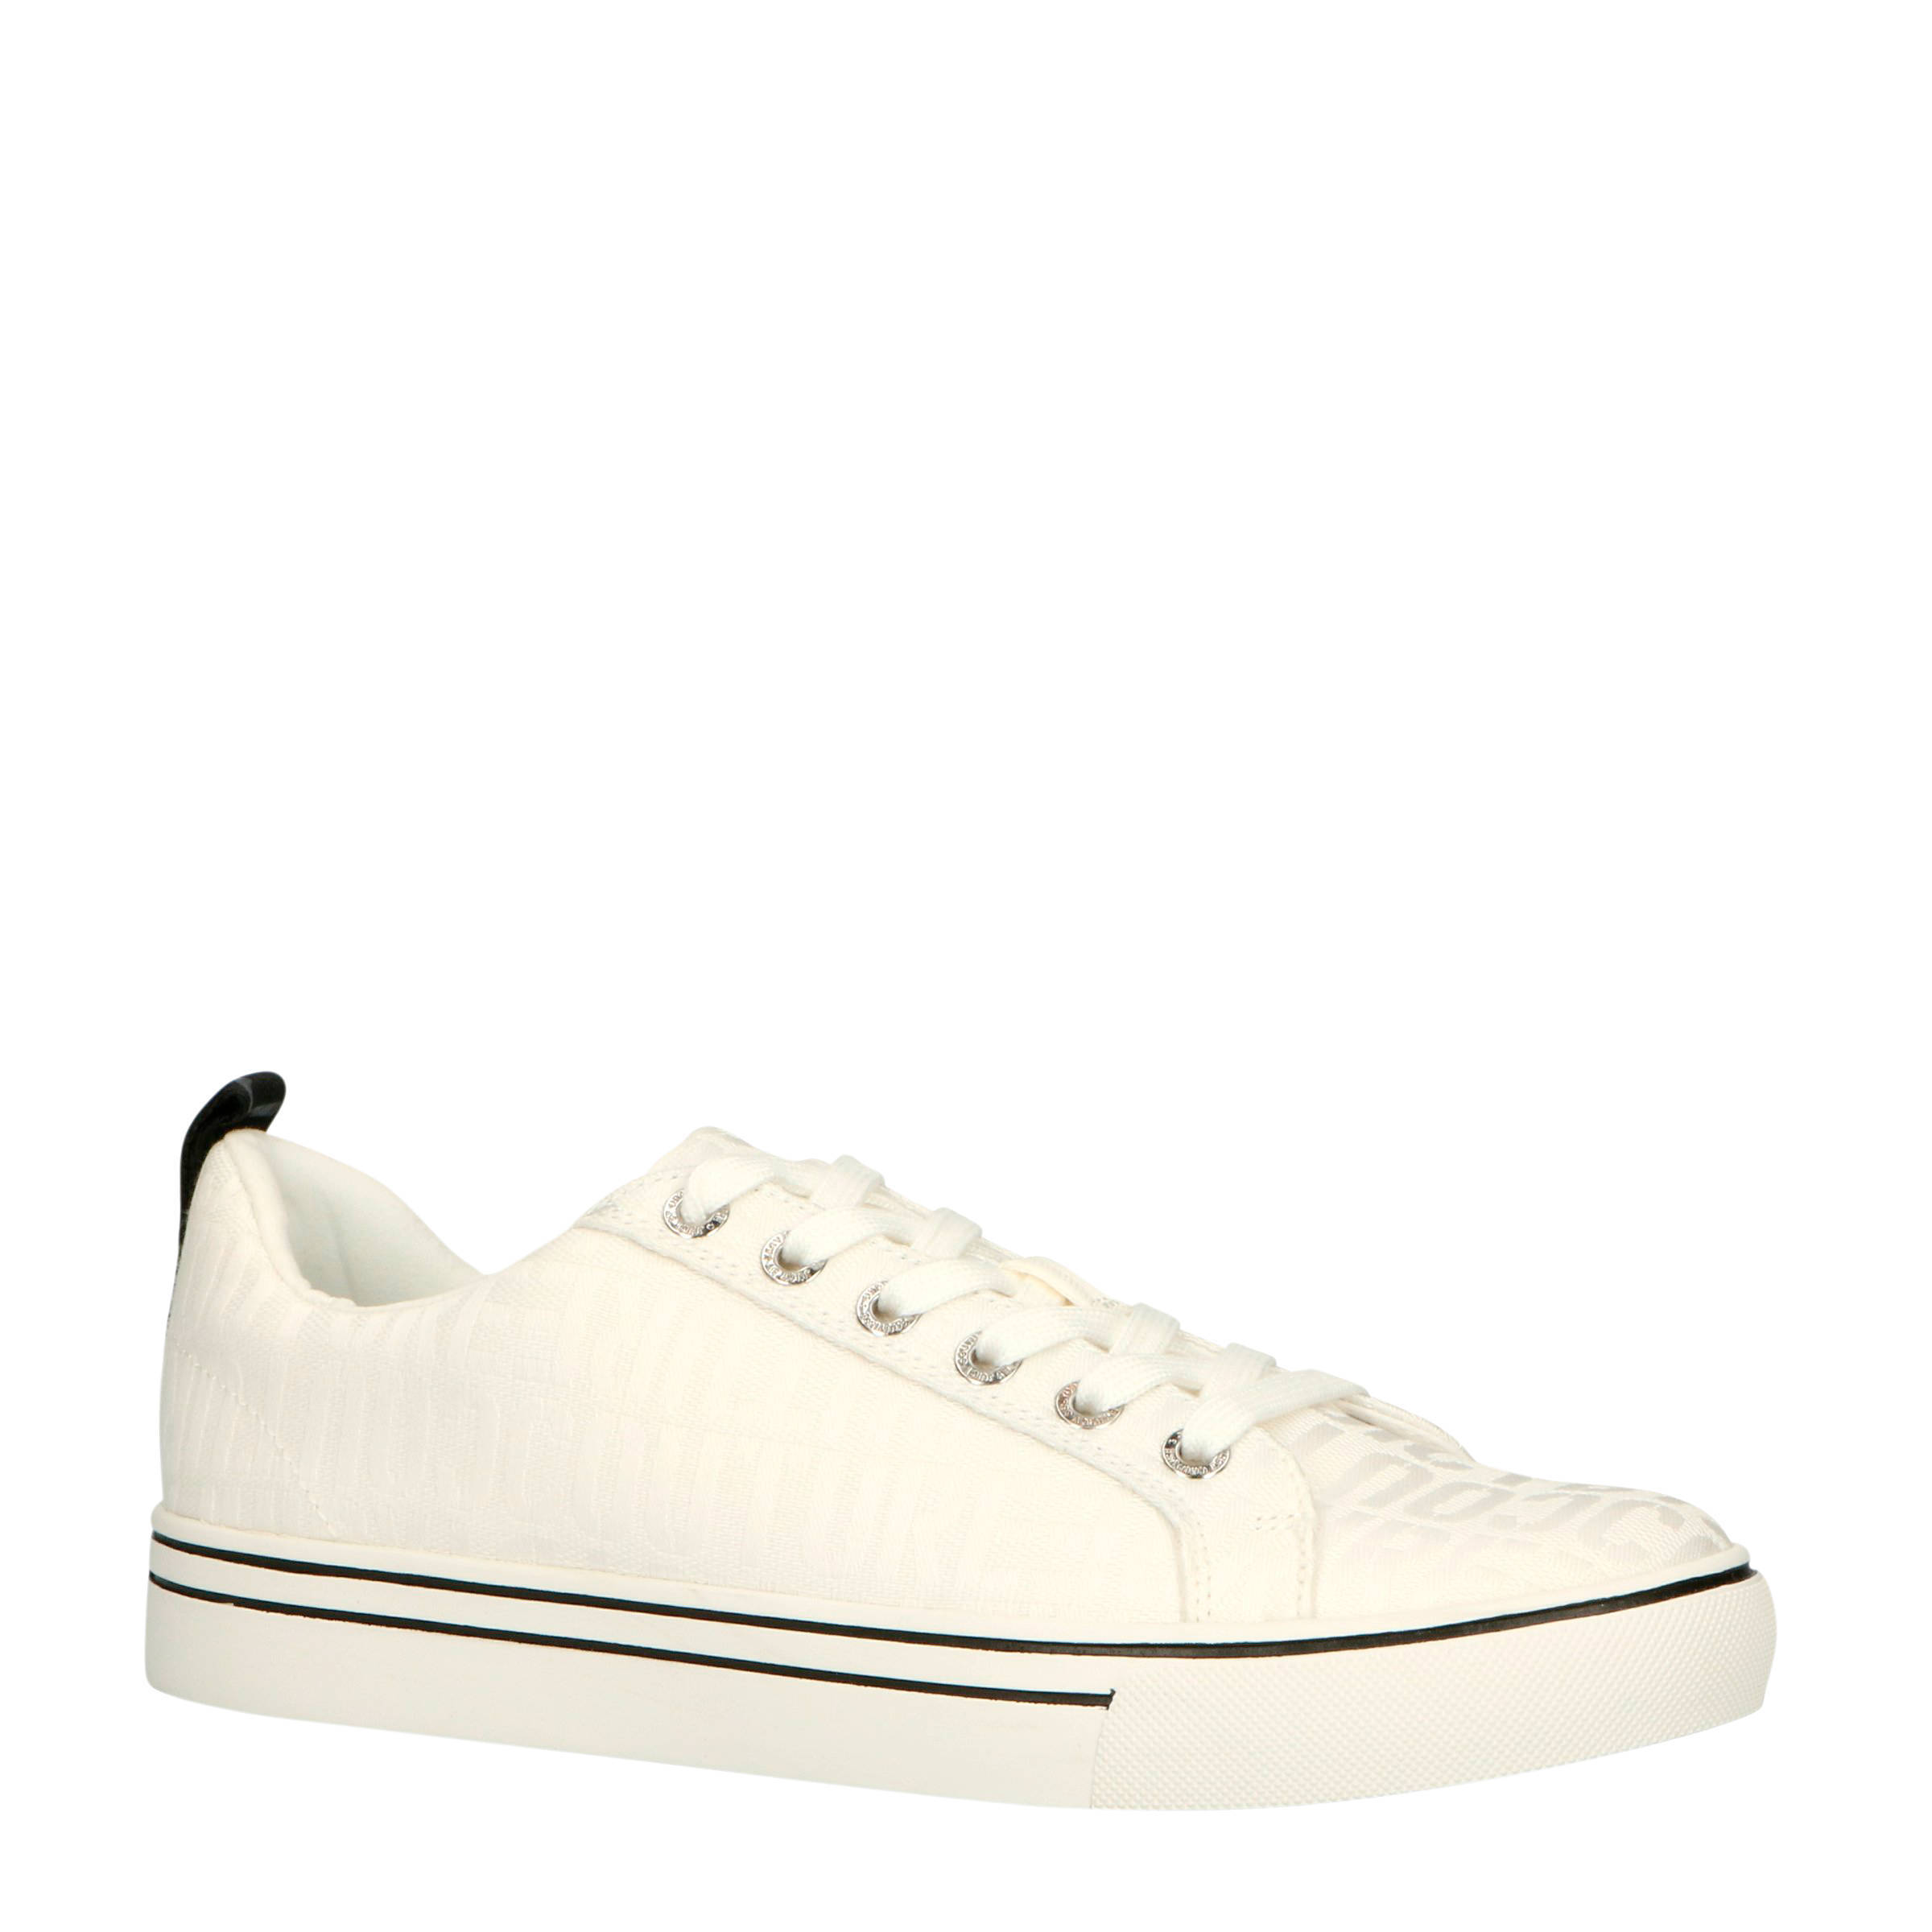 78f3bfa9359 Dames schoenen bij wehkamp - Gratis bezorging vanaf 20.-